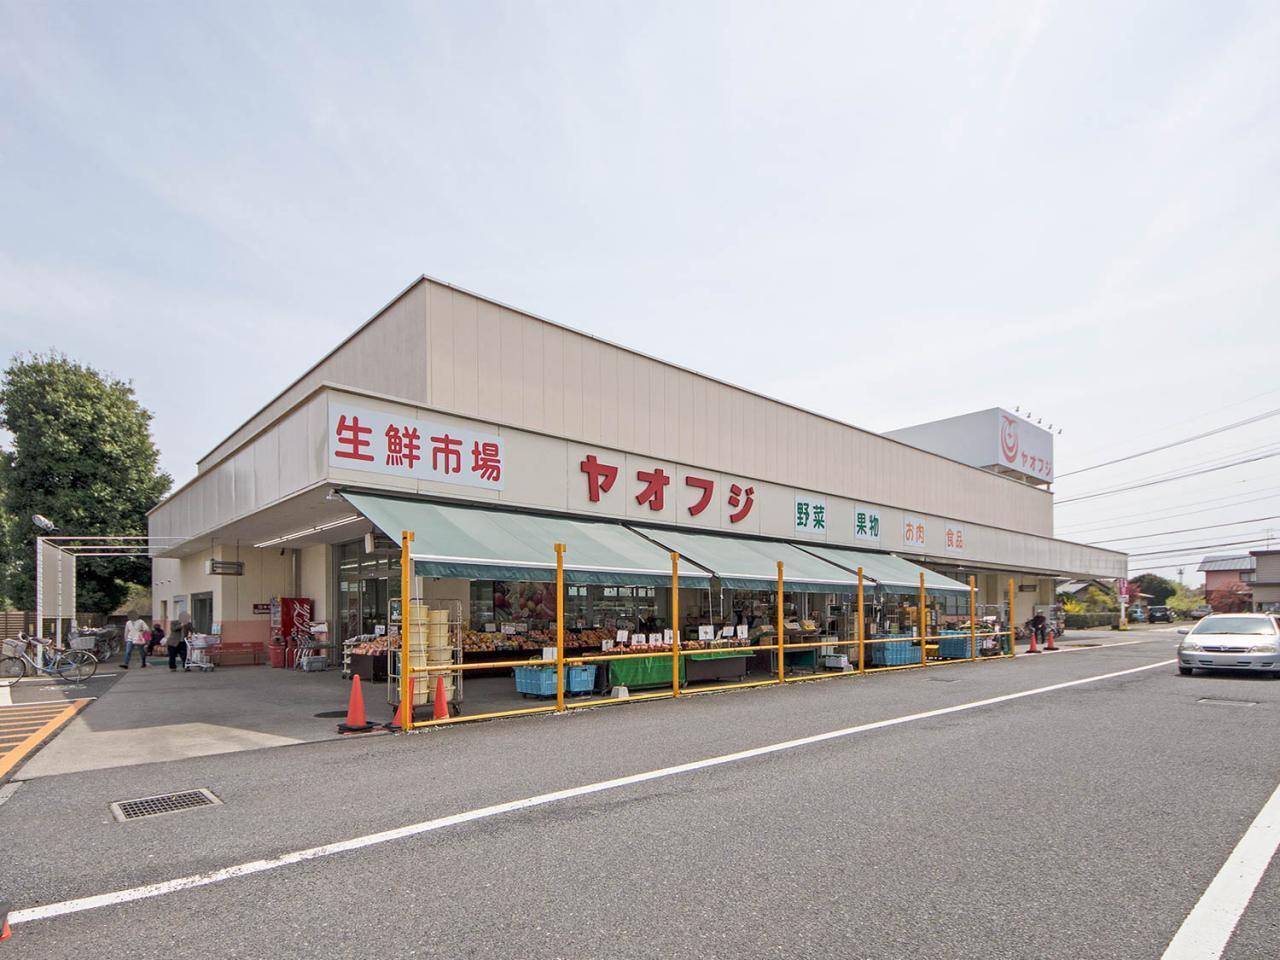 ヤオフジ 所沢店